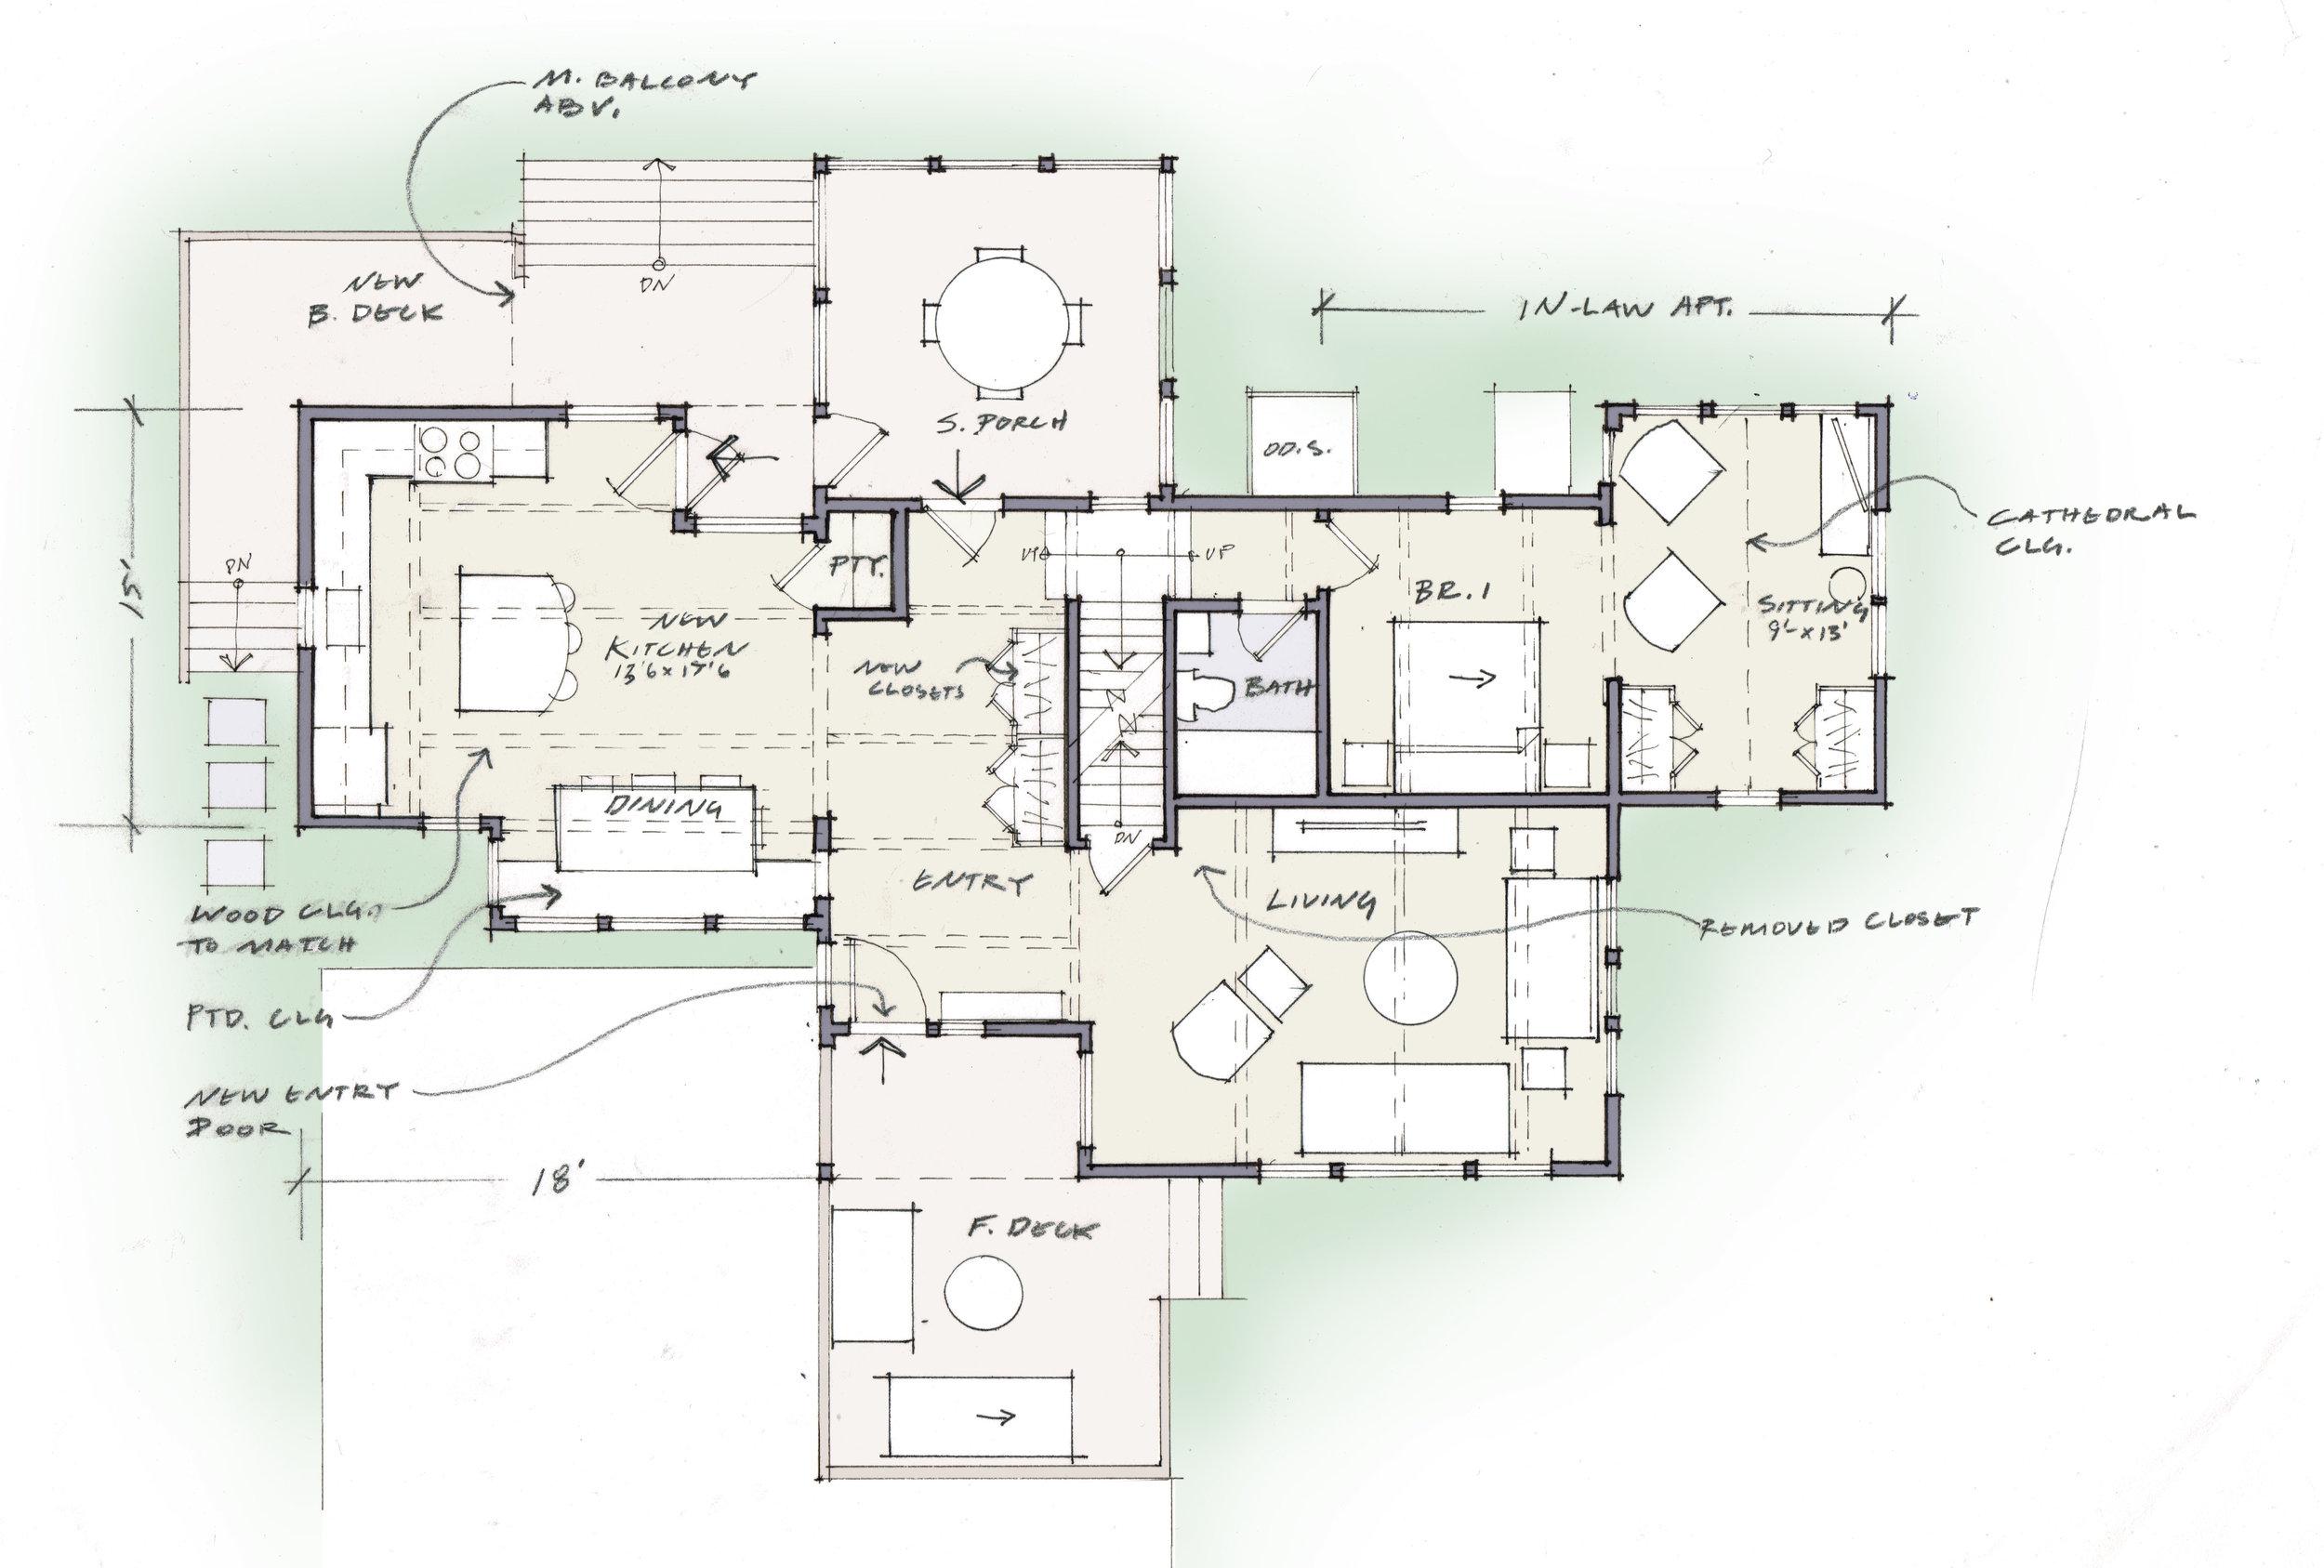 Fiorito - Plan.jpg